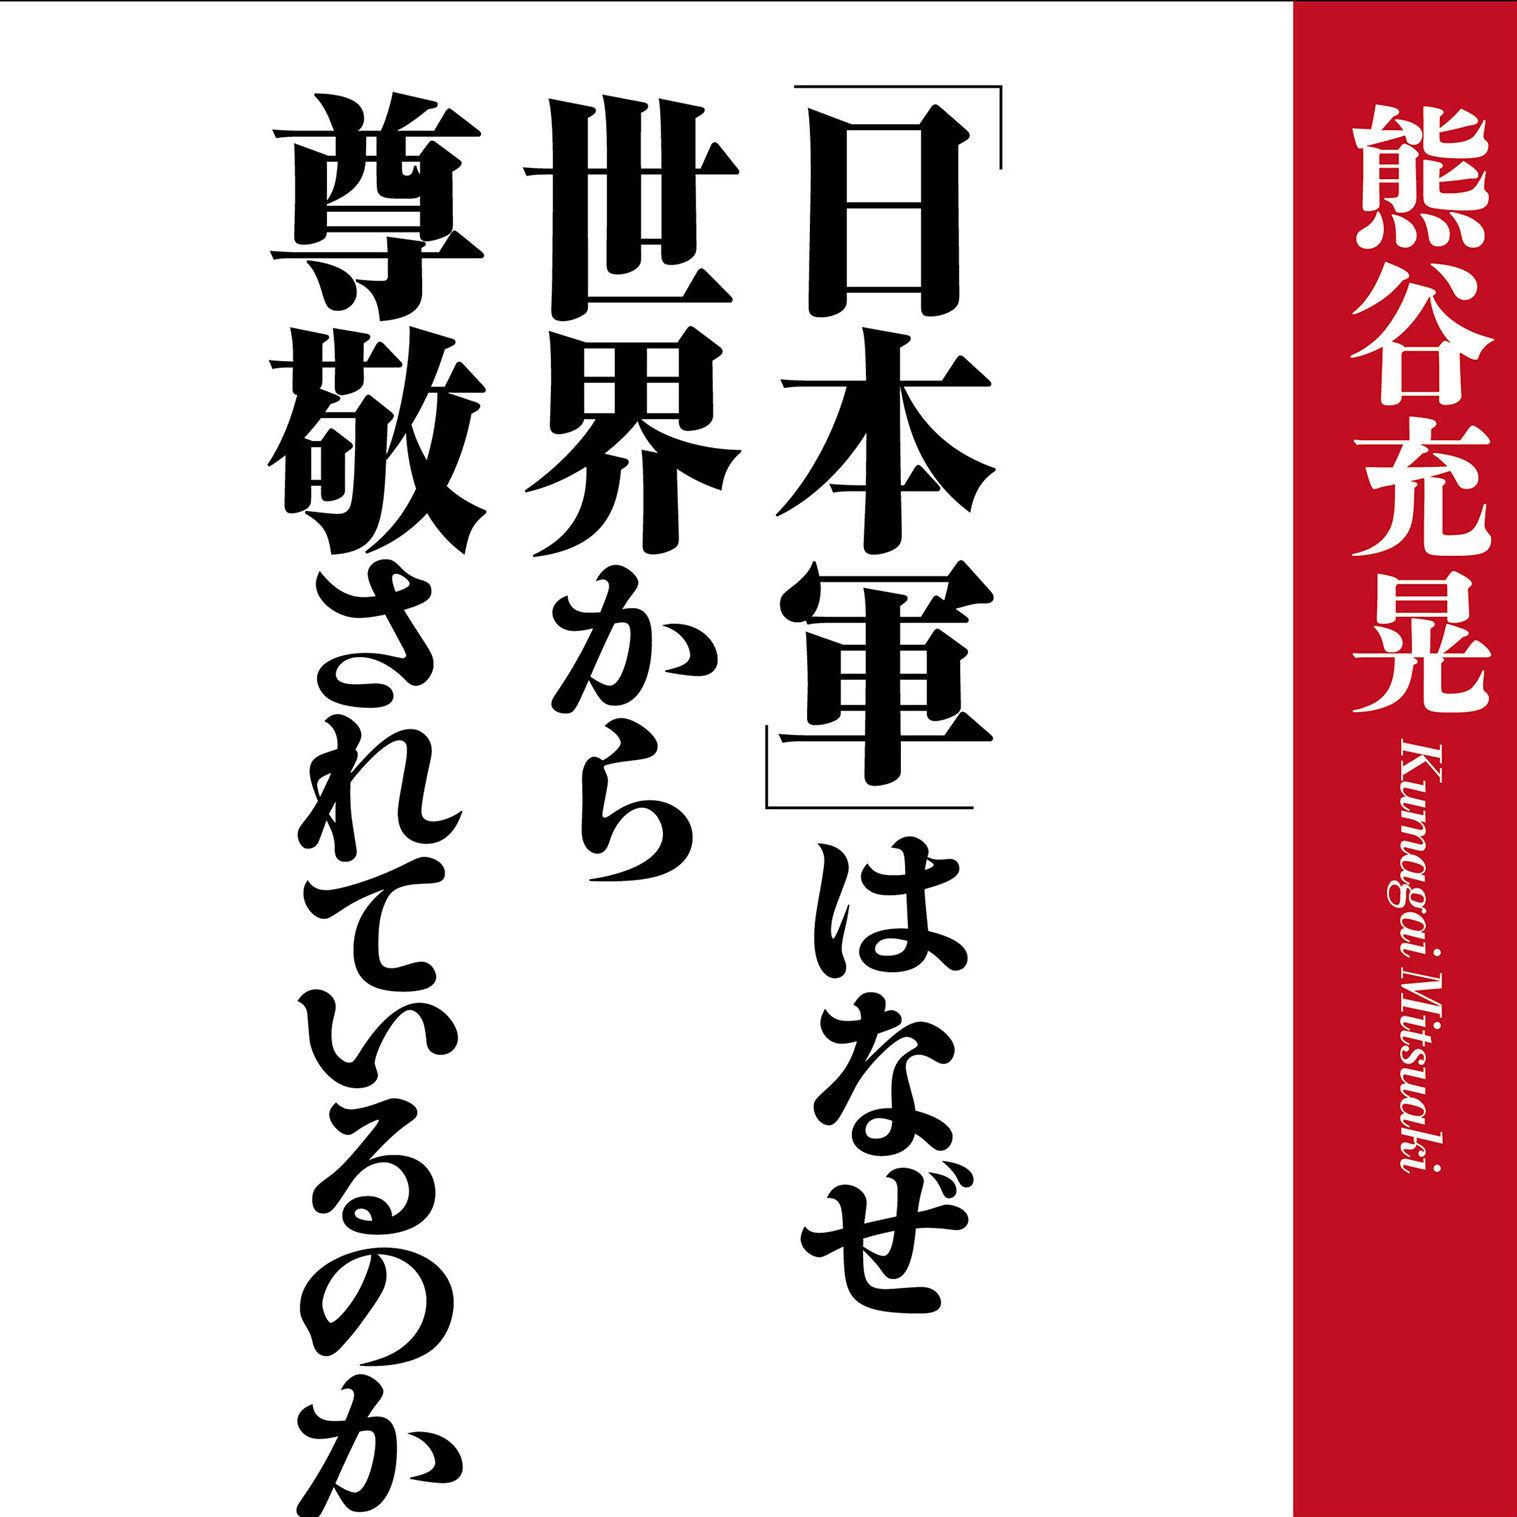 戦前の「日本軍」は民族のアイデンティティを重んじた。「世界の先住民に関する国際デー」に思う。